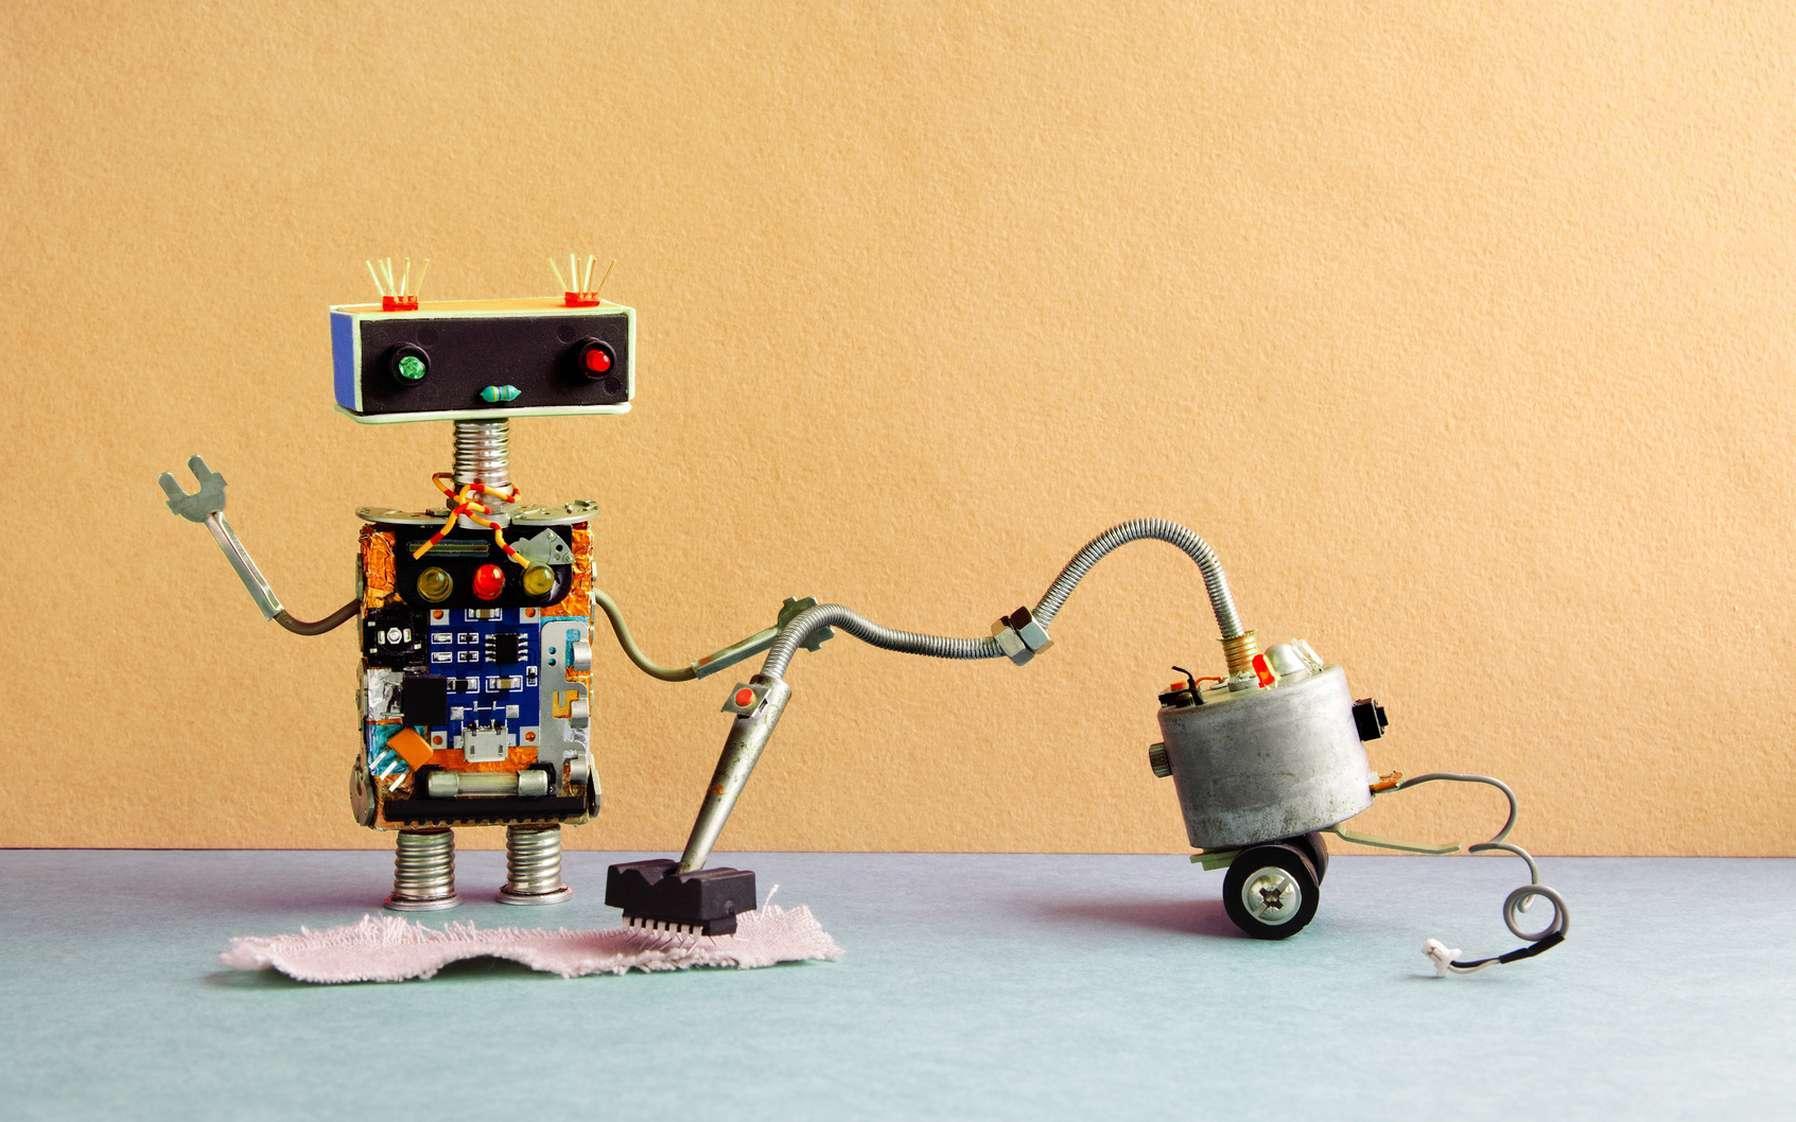 Ces robots nous épargnent bien des corvées ménagères. © besjunior, Fotolia